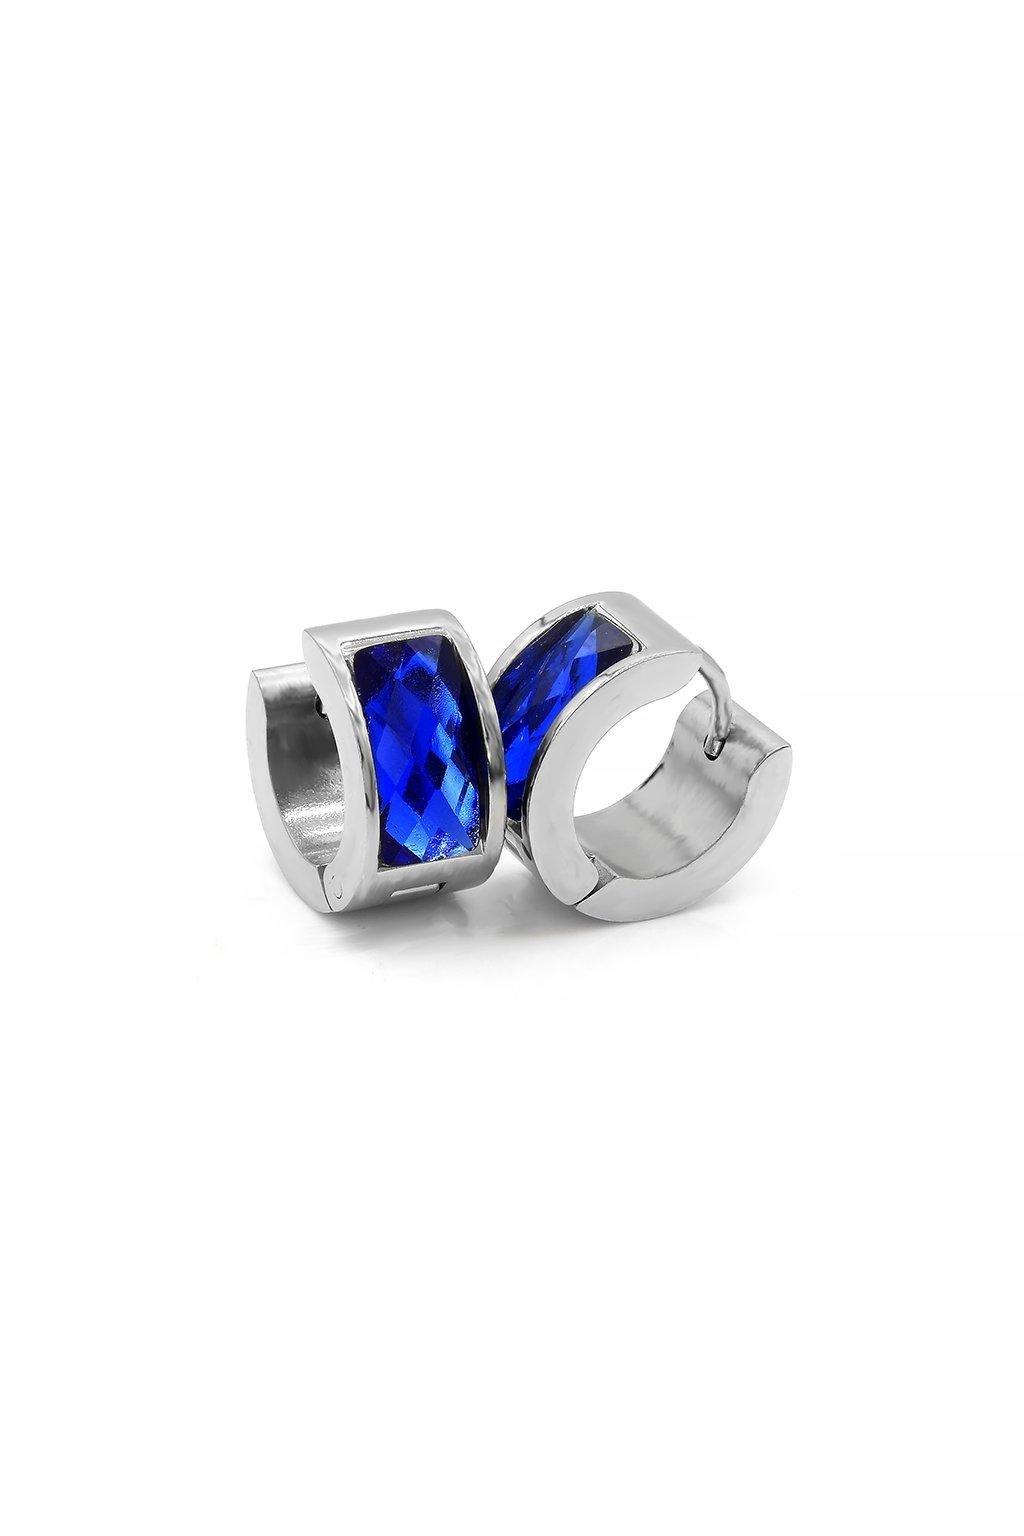 náušnice s modrým kamínkem chirurgická ocel